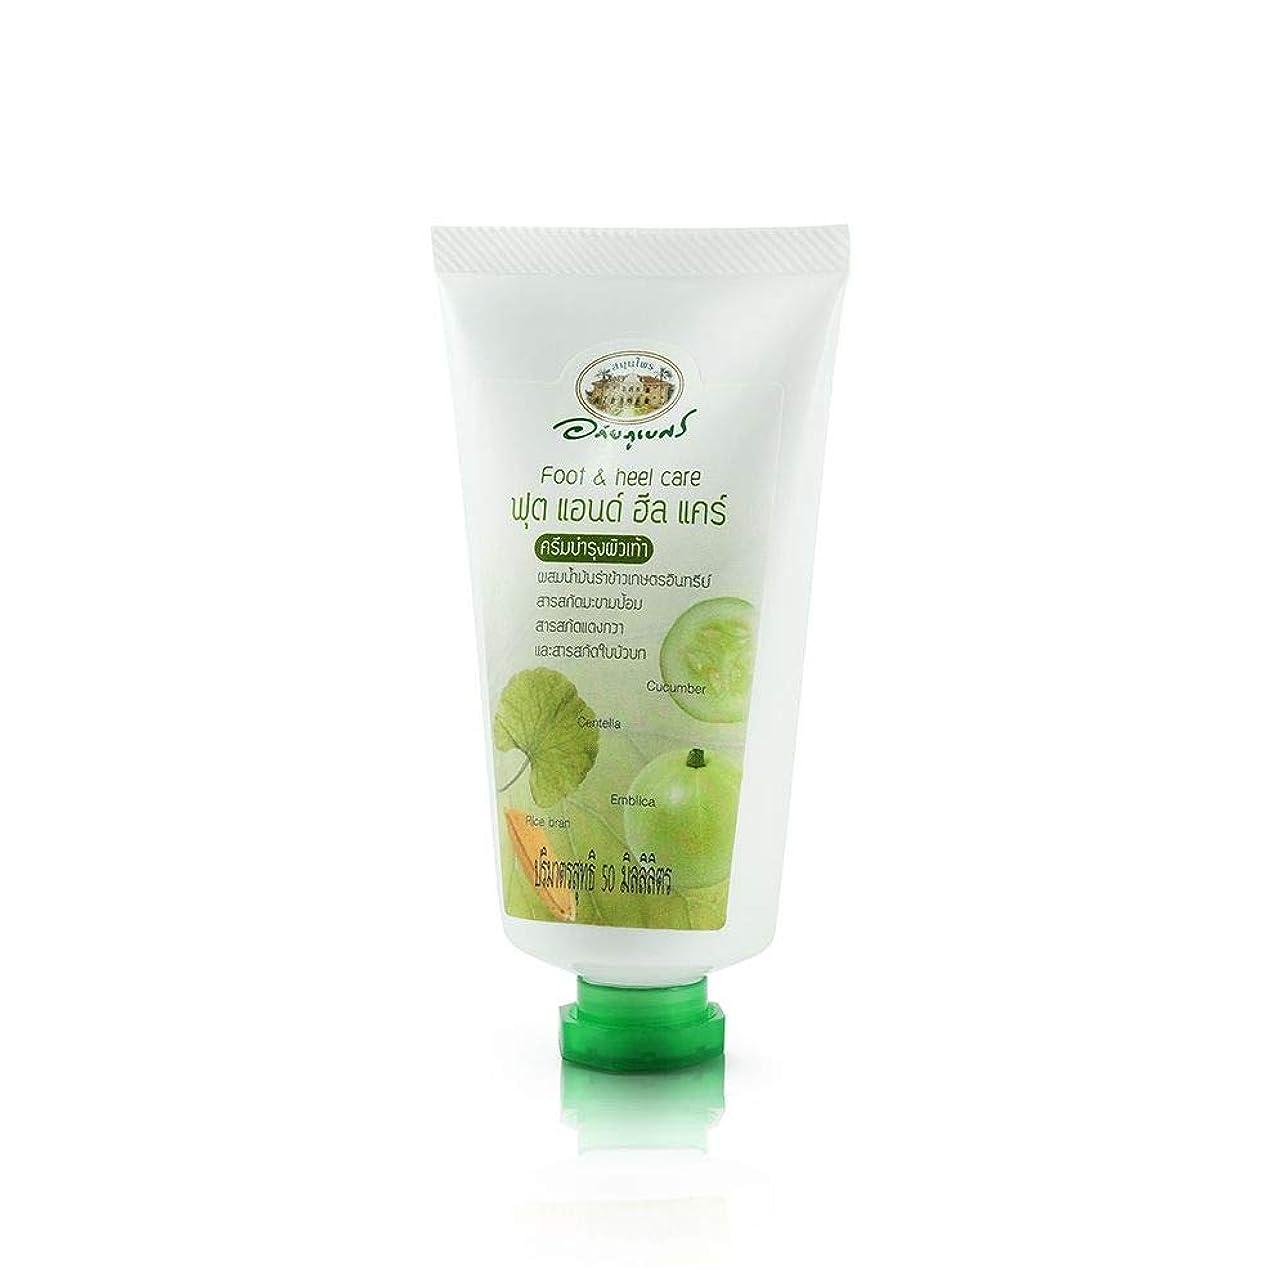 記念品洞察力のあるいくつかのAbhaibhubejhr Cucumber Rice Bran Oil Centella Foot And Heel Care Cream 50ml. Abhaibhubejhrキュウリ米ぬか油Centellaフットアンドヒールケアクリーム50ml。